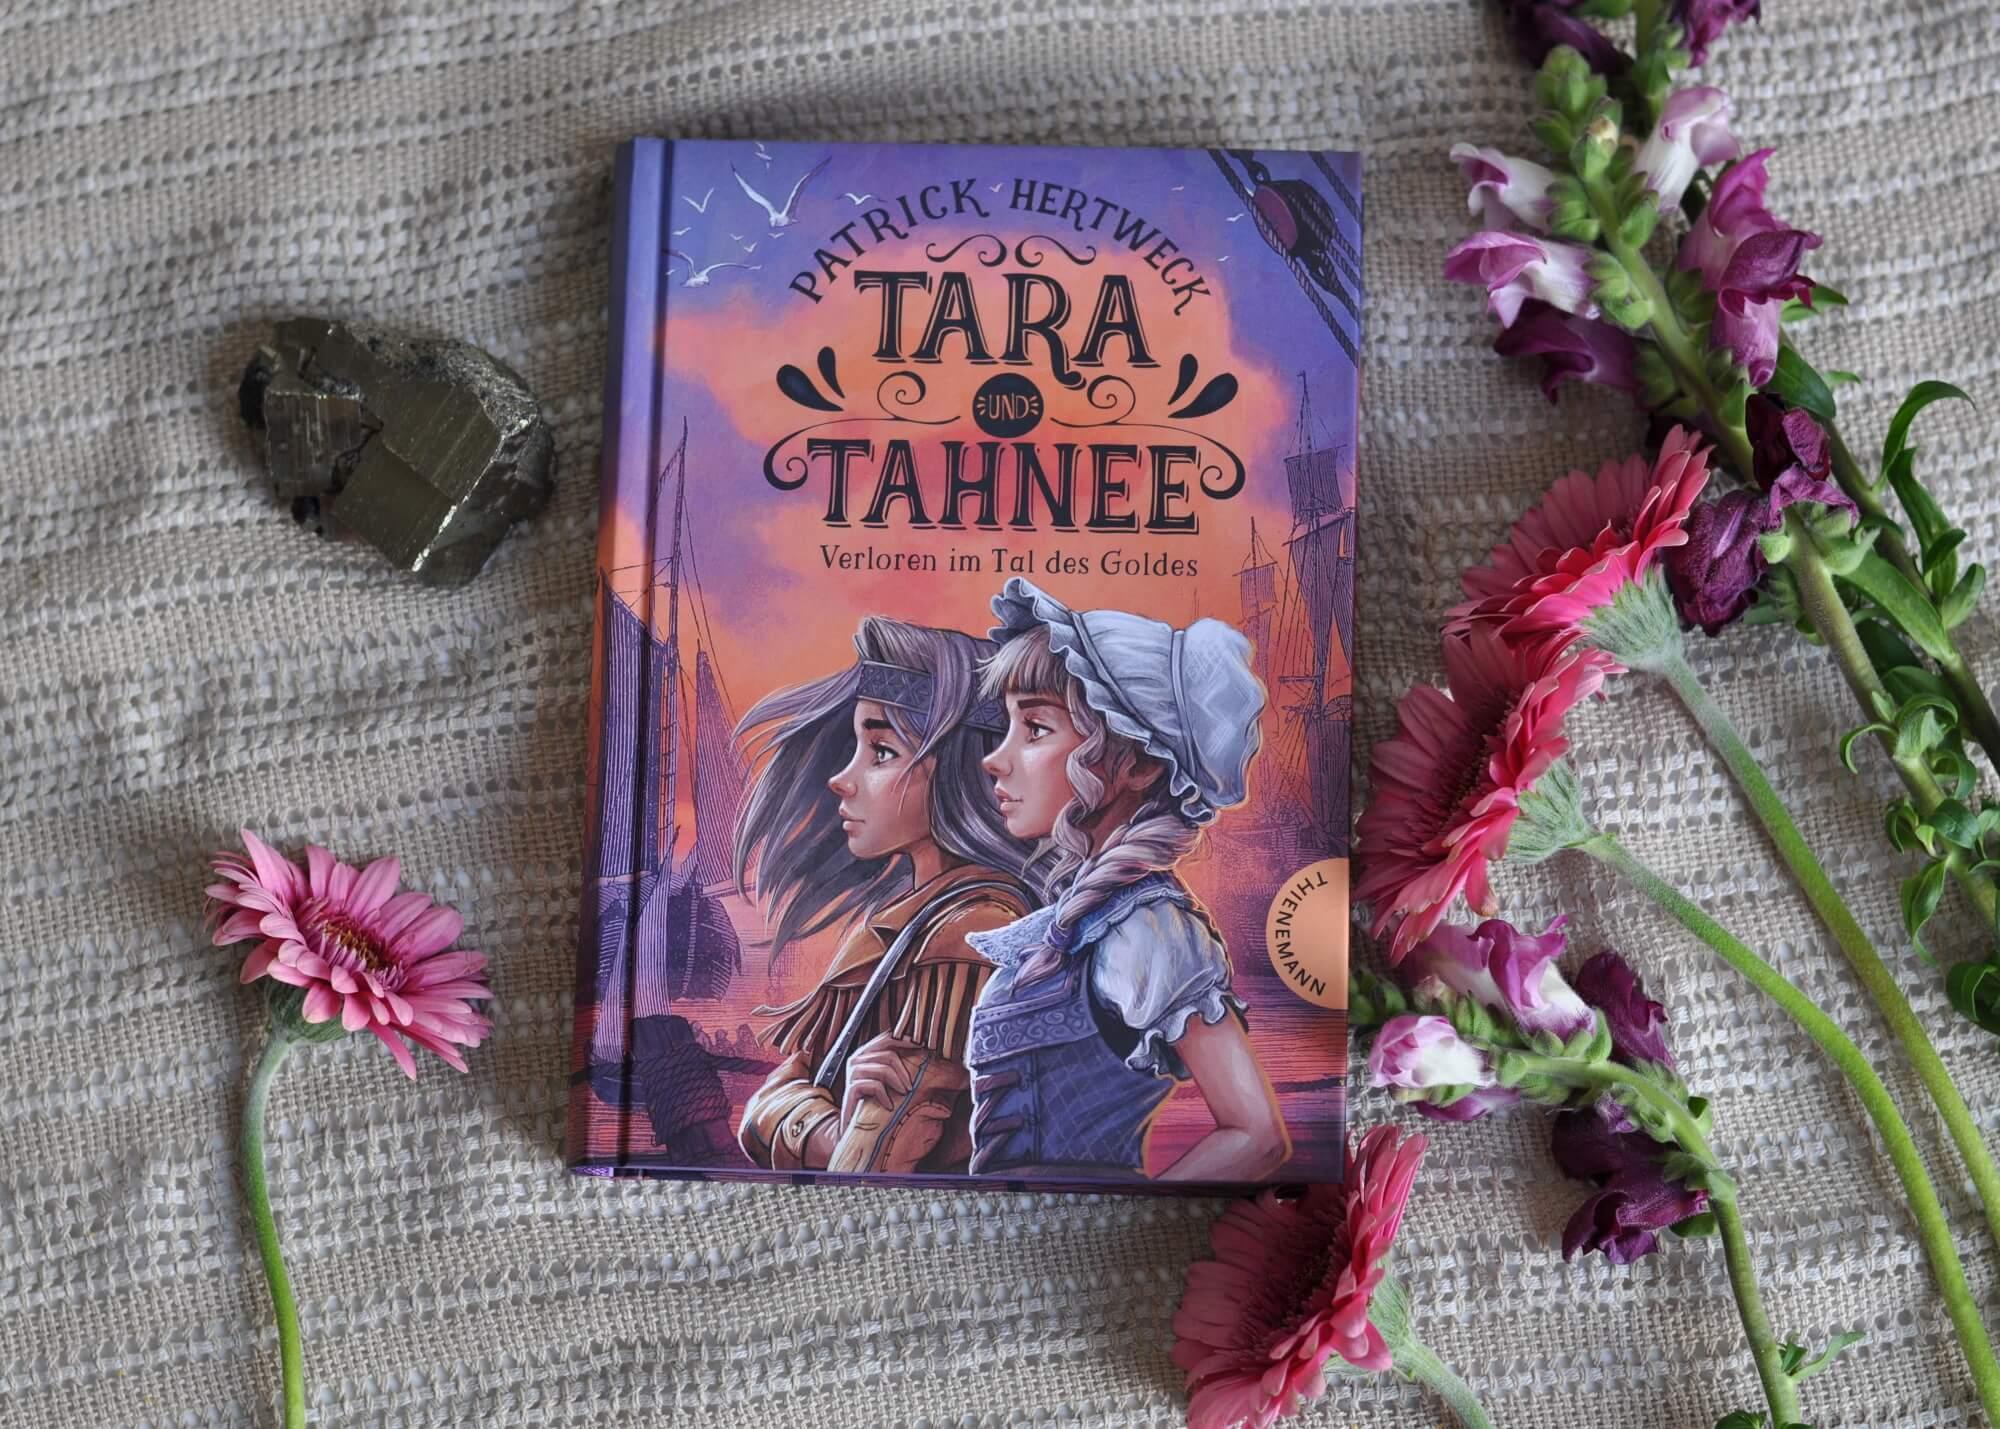 Ein tolles Buch von zwei unterschiedlichen, aber doch sehr starke Mädchen, das aber durchaus auch für Jungs lesenswert ist. Denn nebenbei erfahren wir viel über Goldgräber, wie die Pocken ganze Indianderstämme ausgerottet haben, die ersten Siedlertrecks und weitere spannende Details aus dieser Zeit. Einfach Wow! #tara #tahnee #wilder #westen #goldgräber #zwillinge #indianer #amerika #historisch #spannung #kidnerbuch #abenteuer